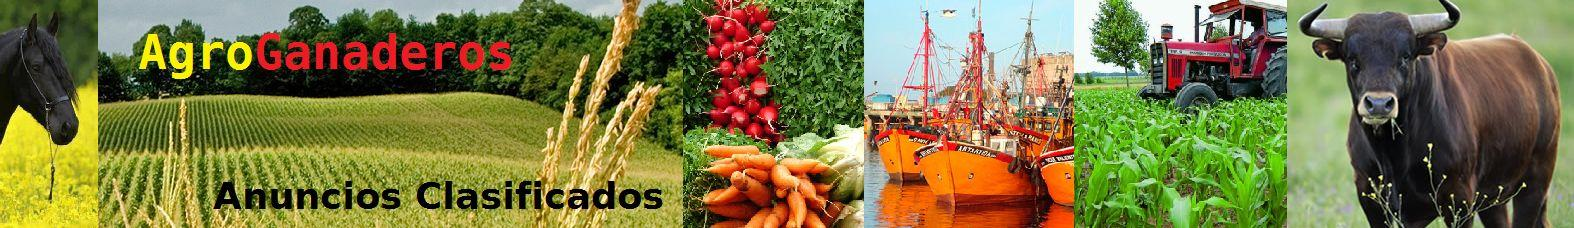 AgroGanaderos - Anuncios Clasificados - Ads Free